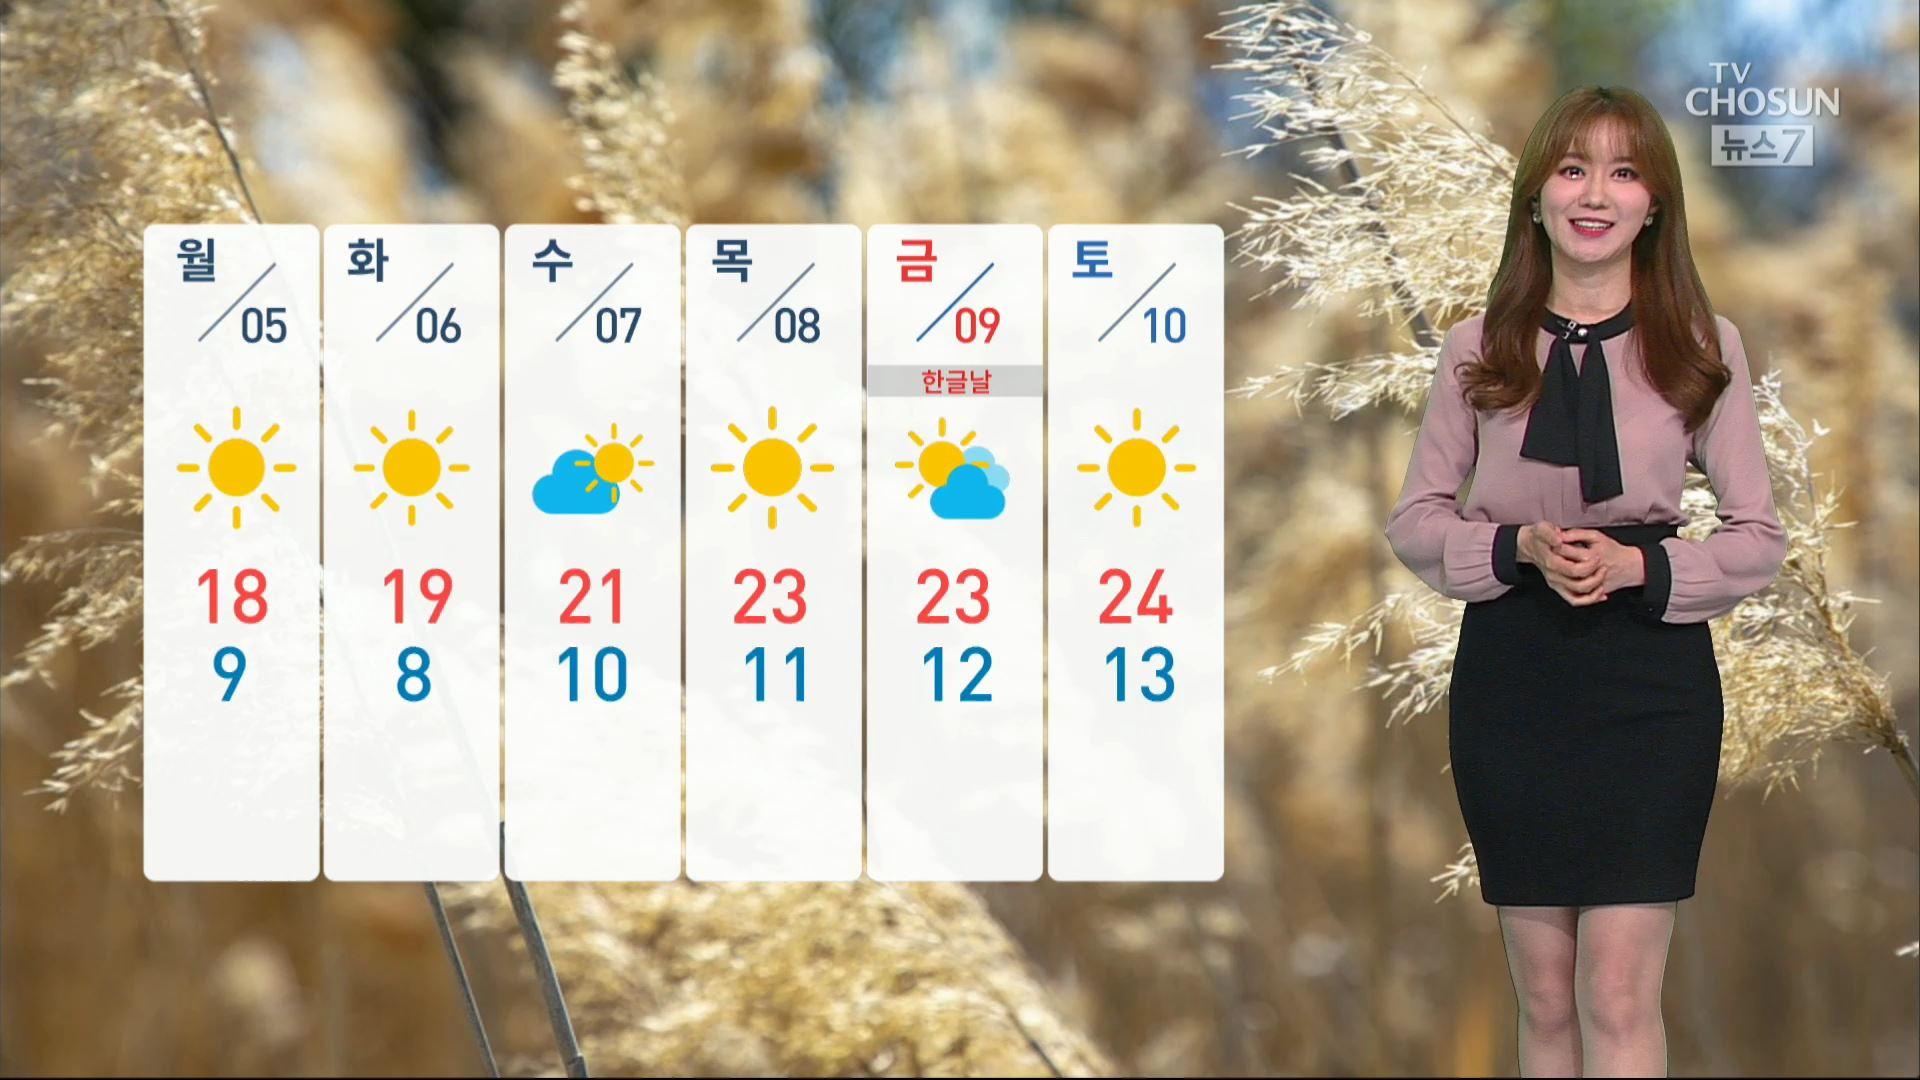 [날씨] 월요일 아침 올가을 들어 가장 쌀쌀해요